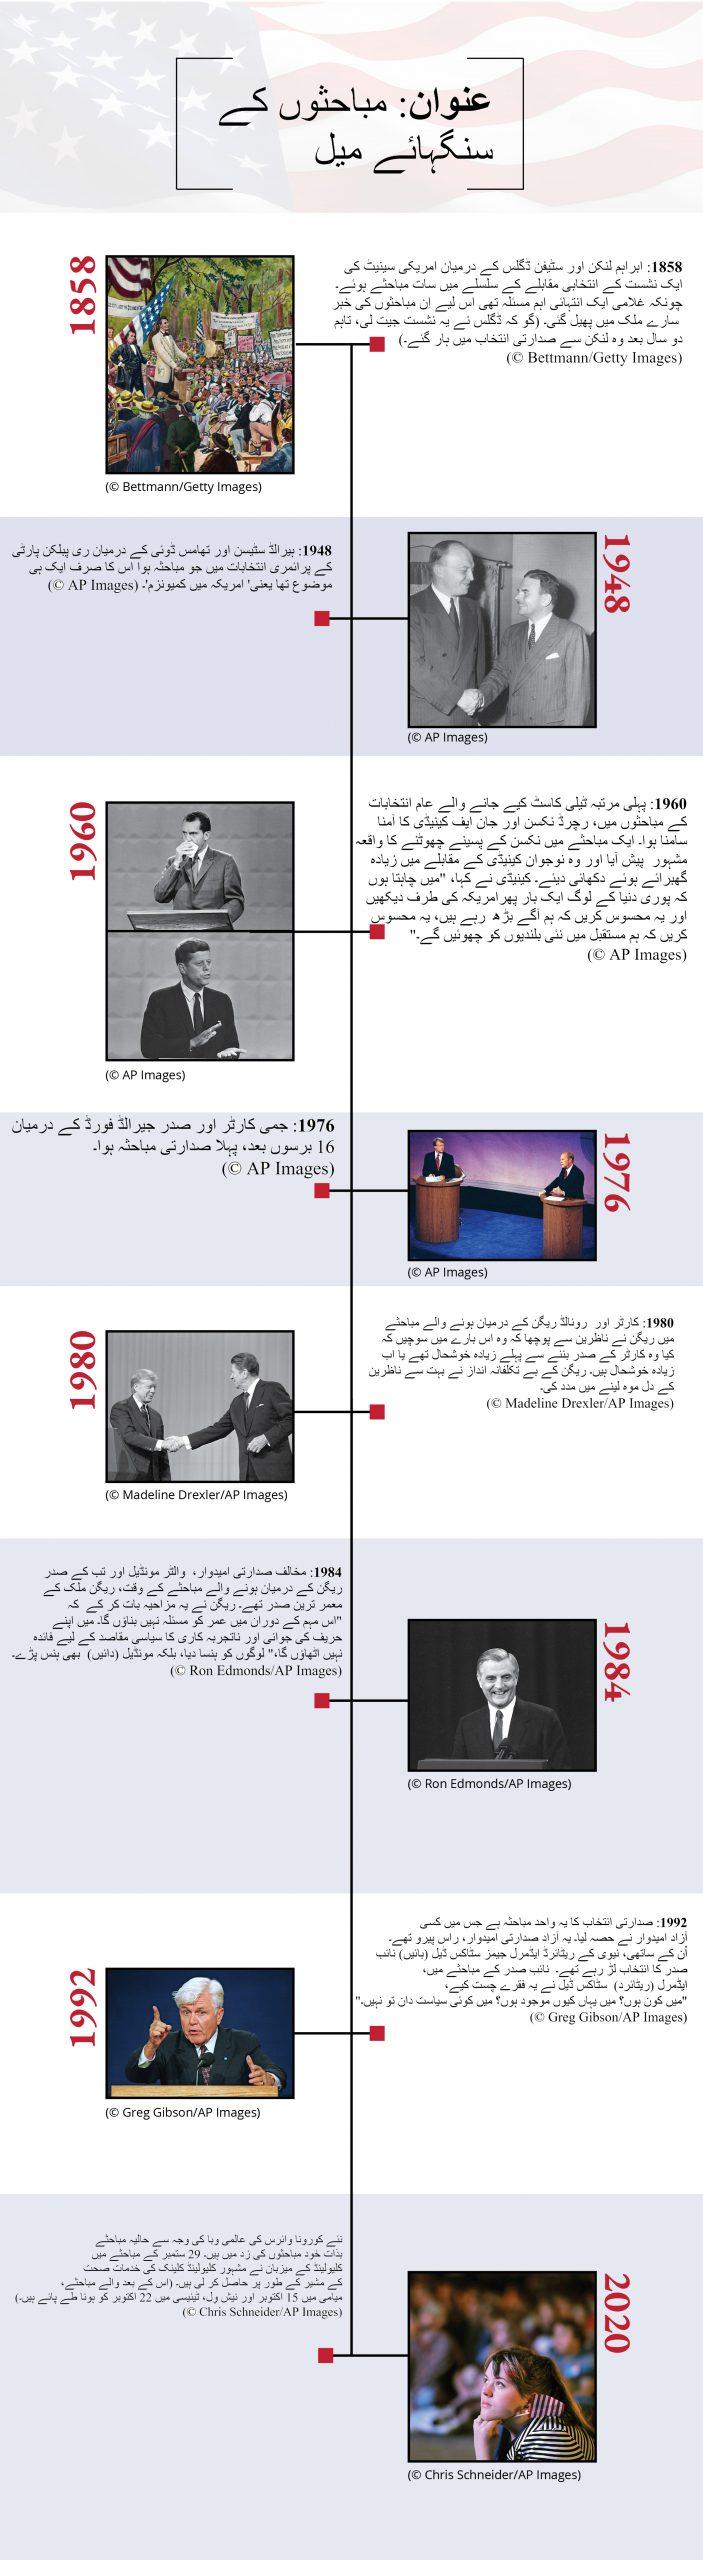 1858، 1948، 1960، 1976، 1980، 1984 اور 1992 کے صدارتی مباحثوں کے اہم واقعات (Photos: © Getty Images and AP Images)